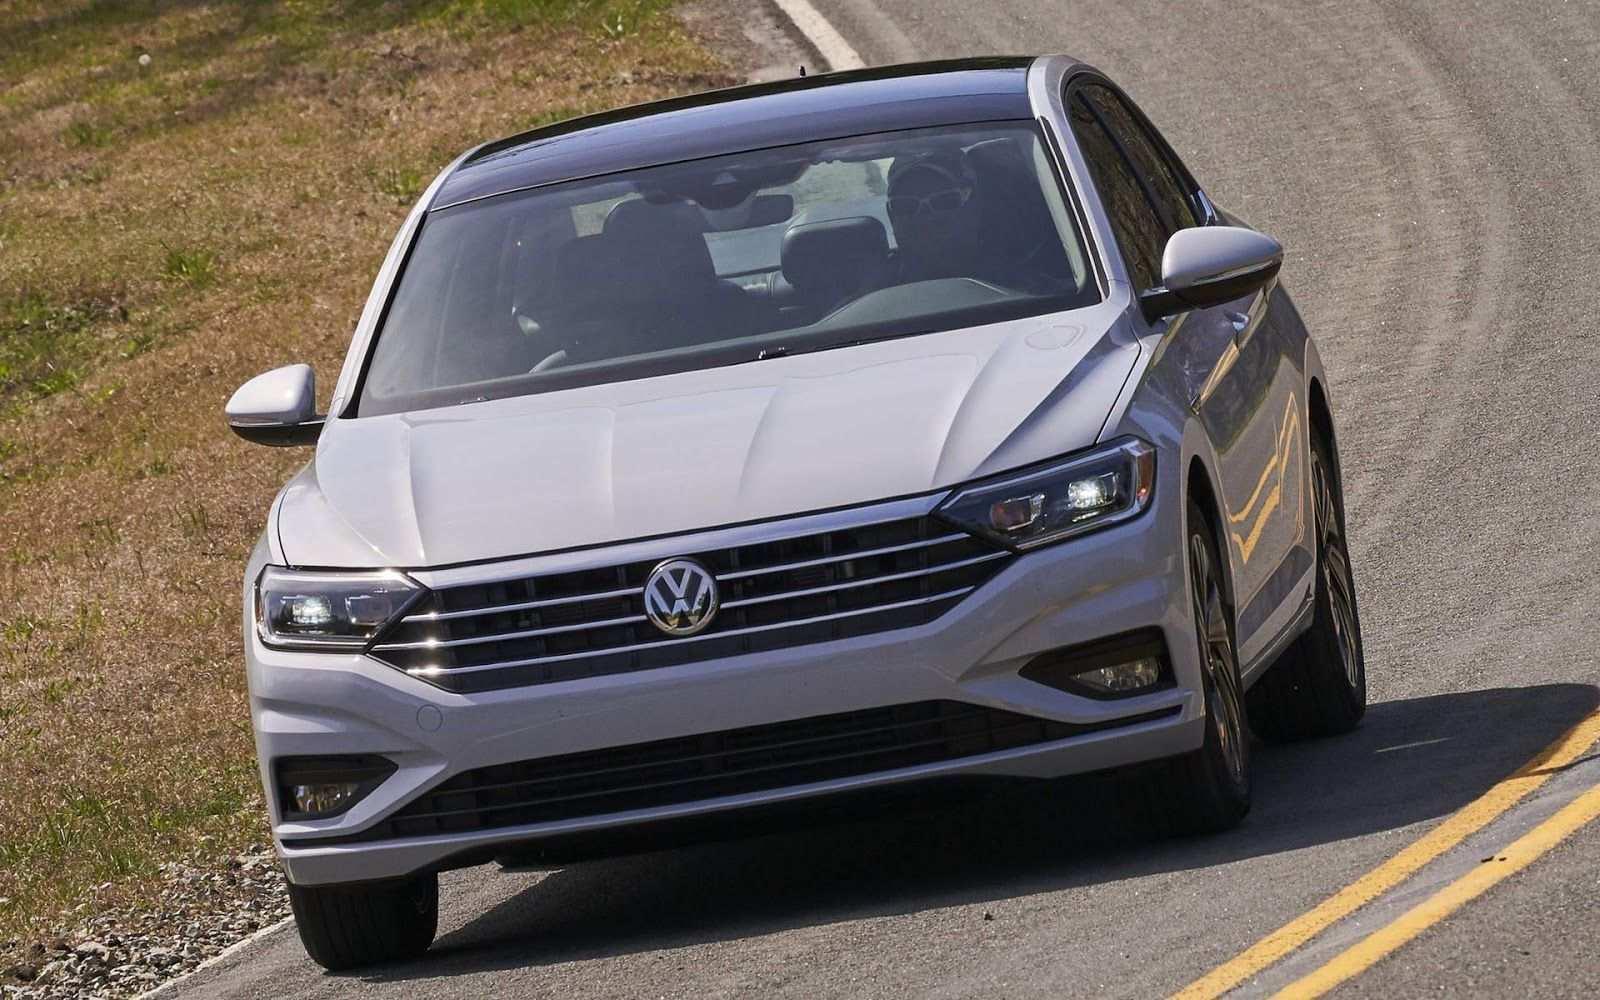 90 Gallery of Volkswagen Lancamento 2019 Price Specs and Review for Volkswagen Lancamento 2019 Price